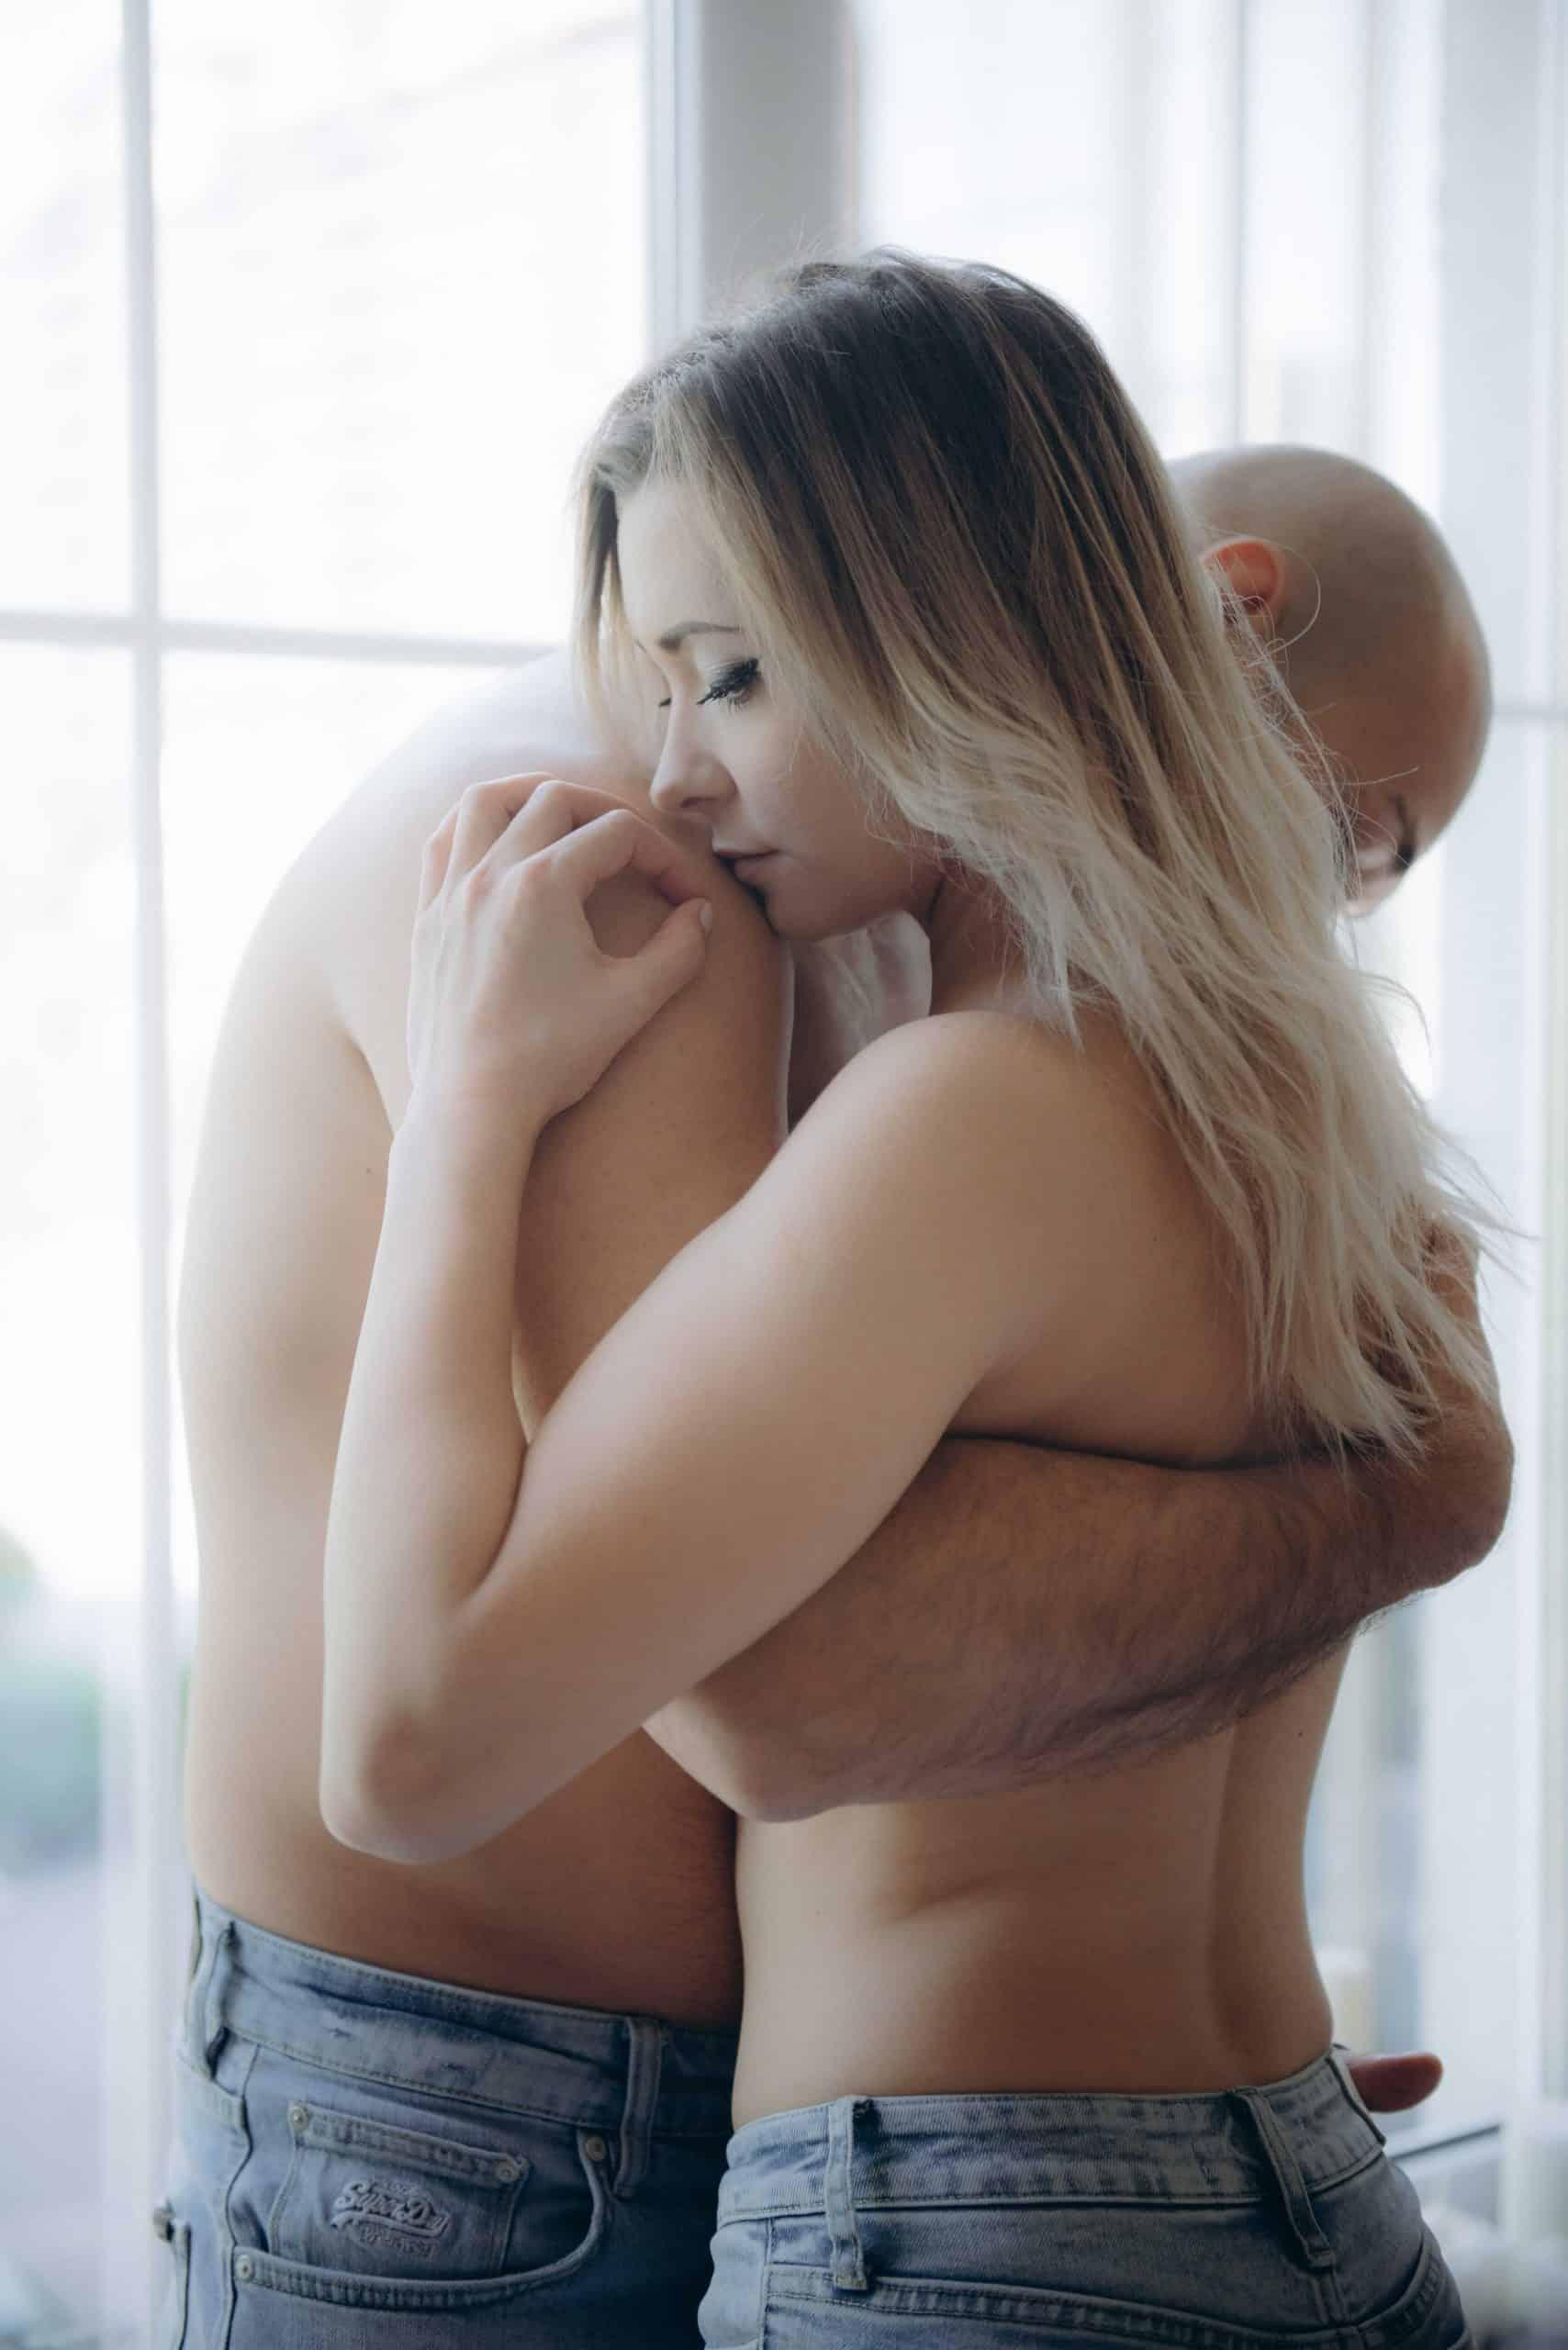 זוג מתחבק בחצי עירום